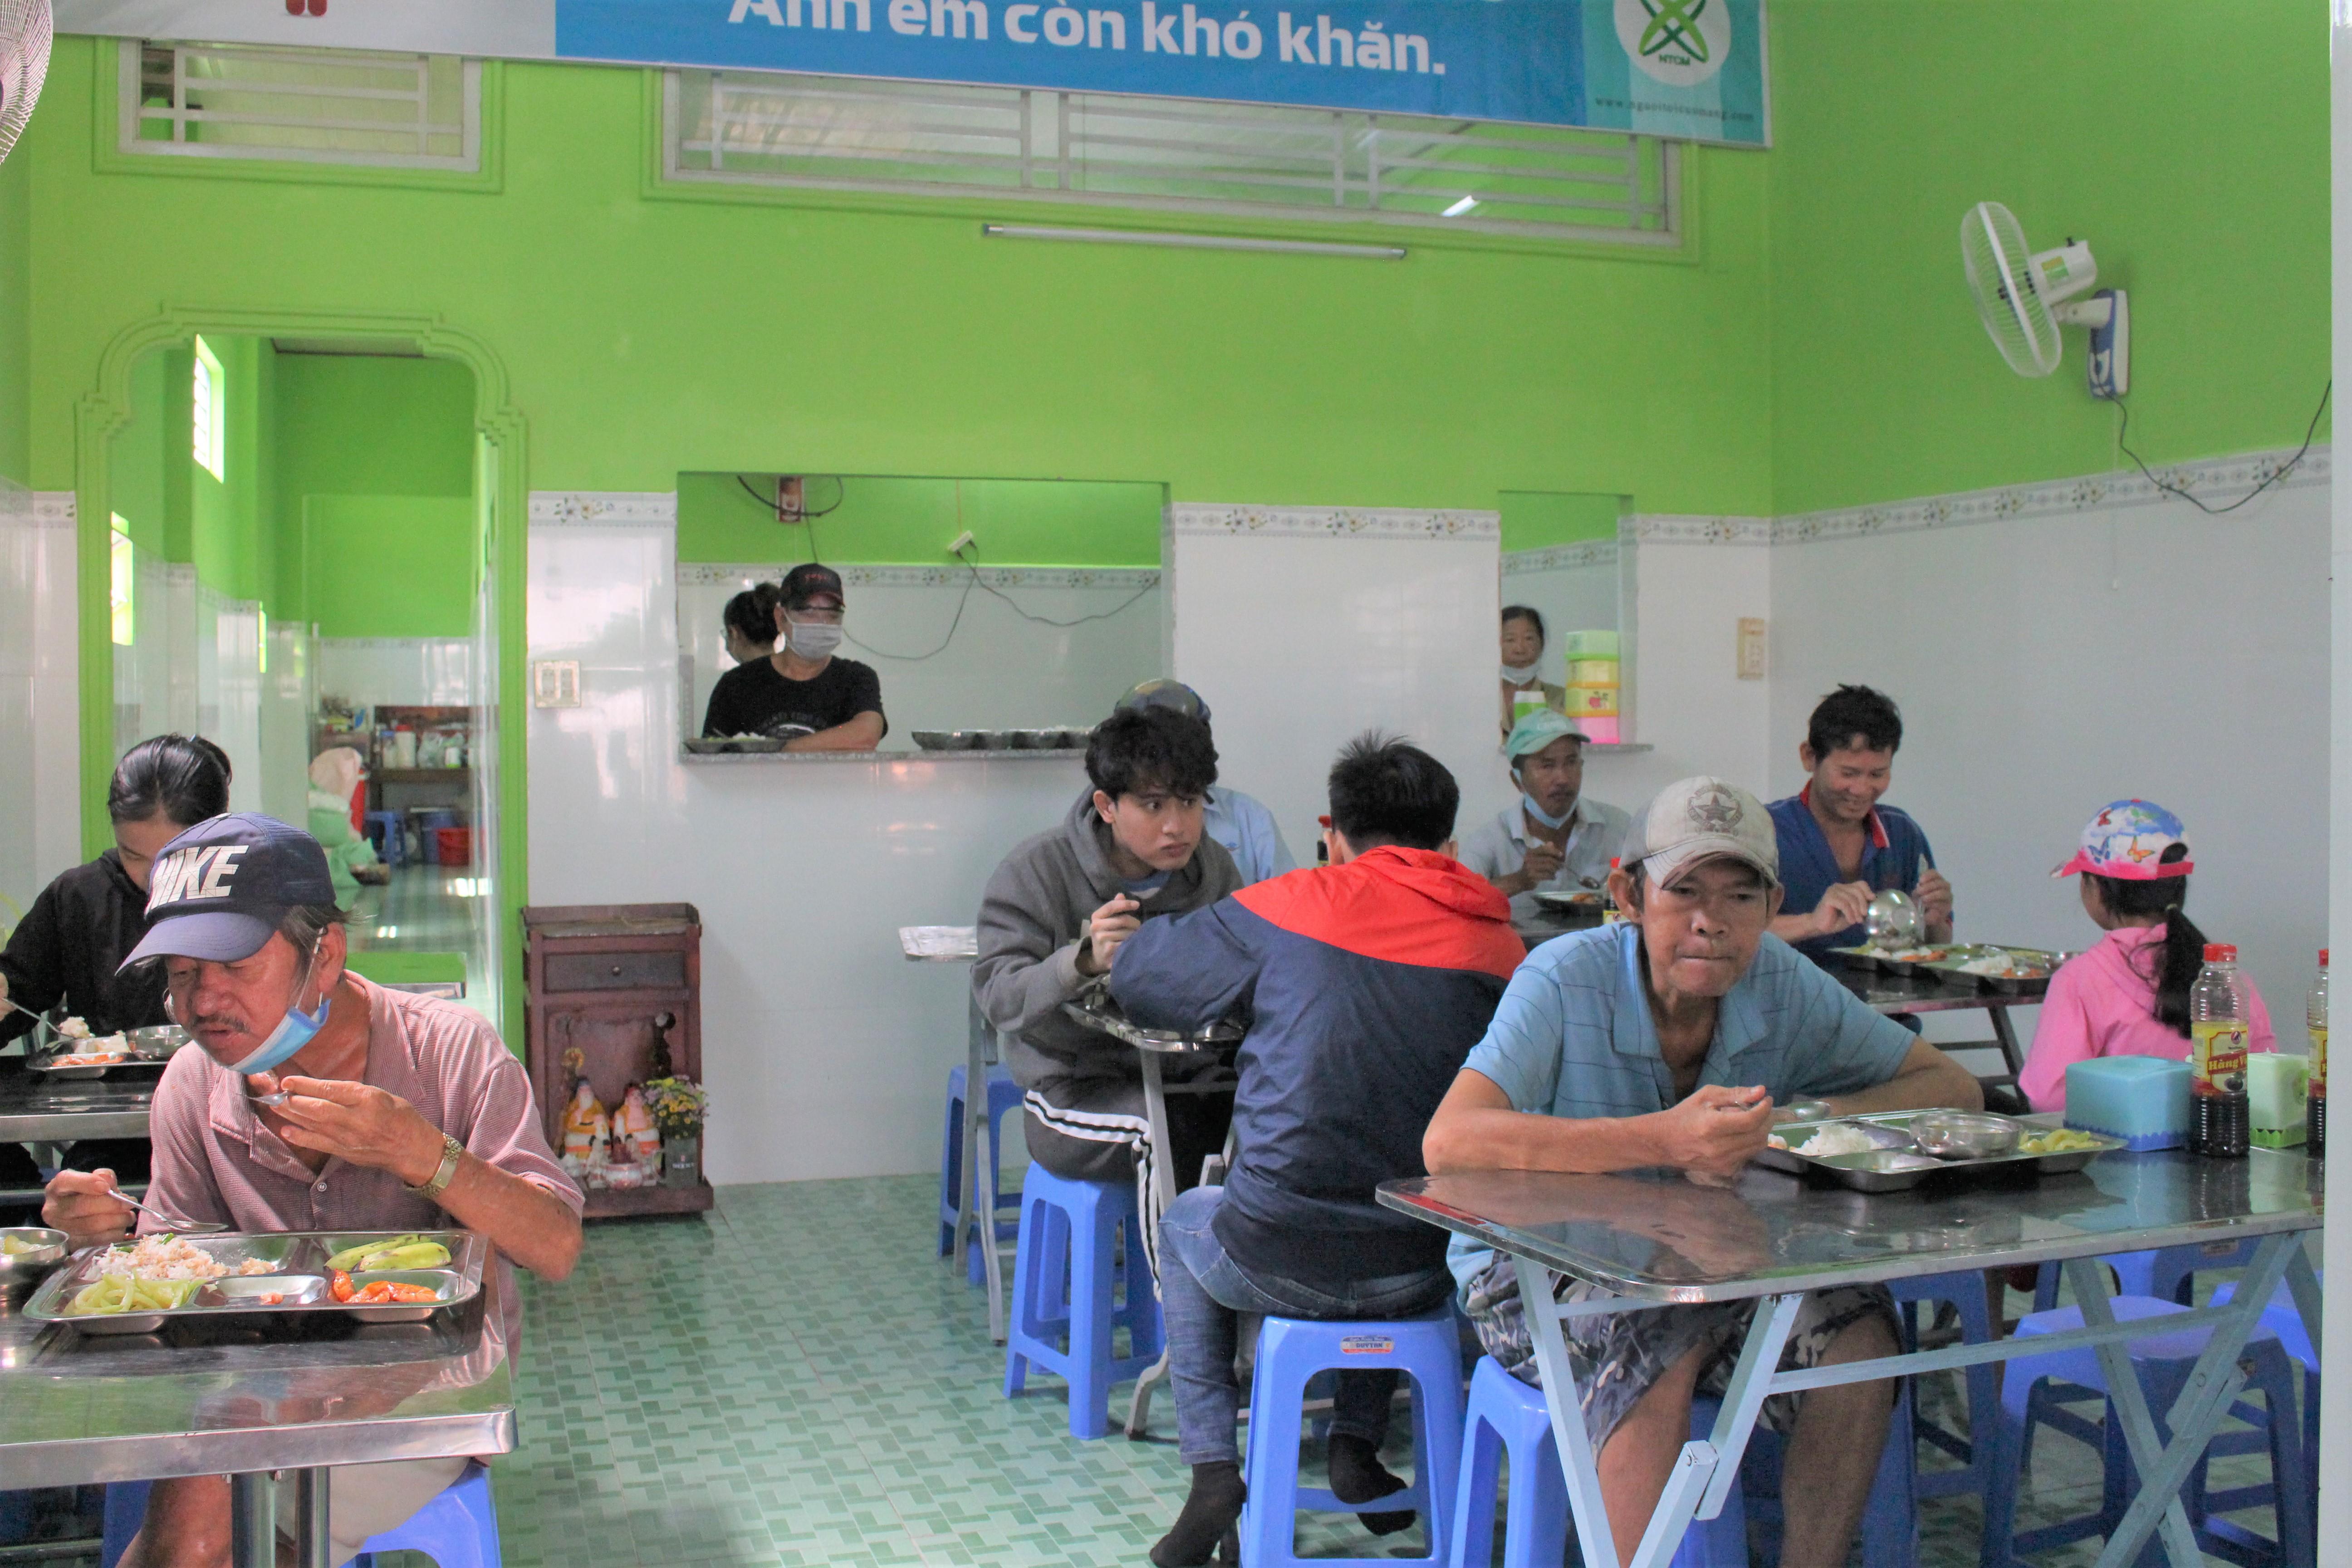 Người dân nghèo, lao động tranh thủ đến ăn trưa tại quán